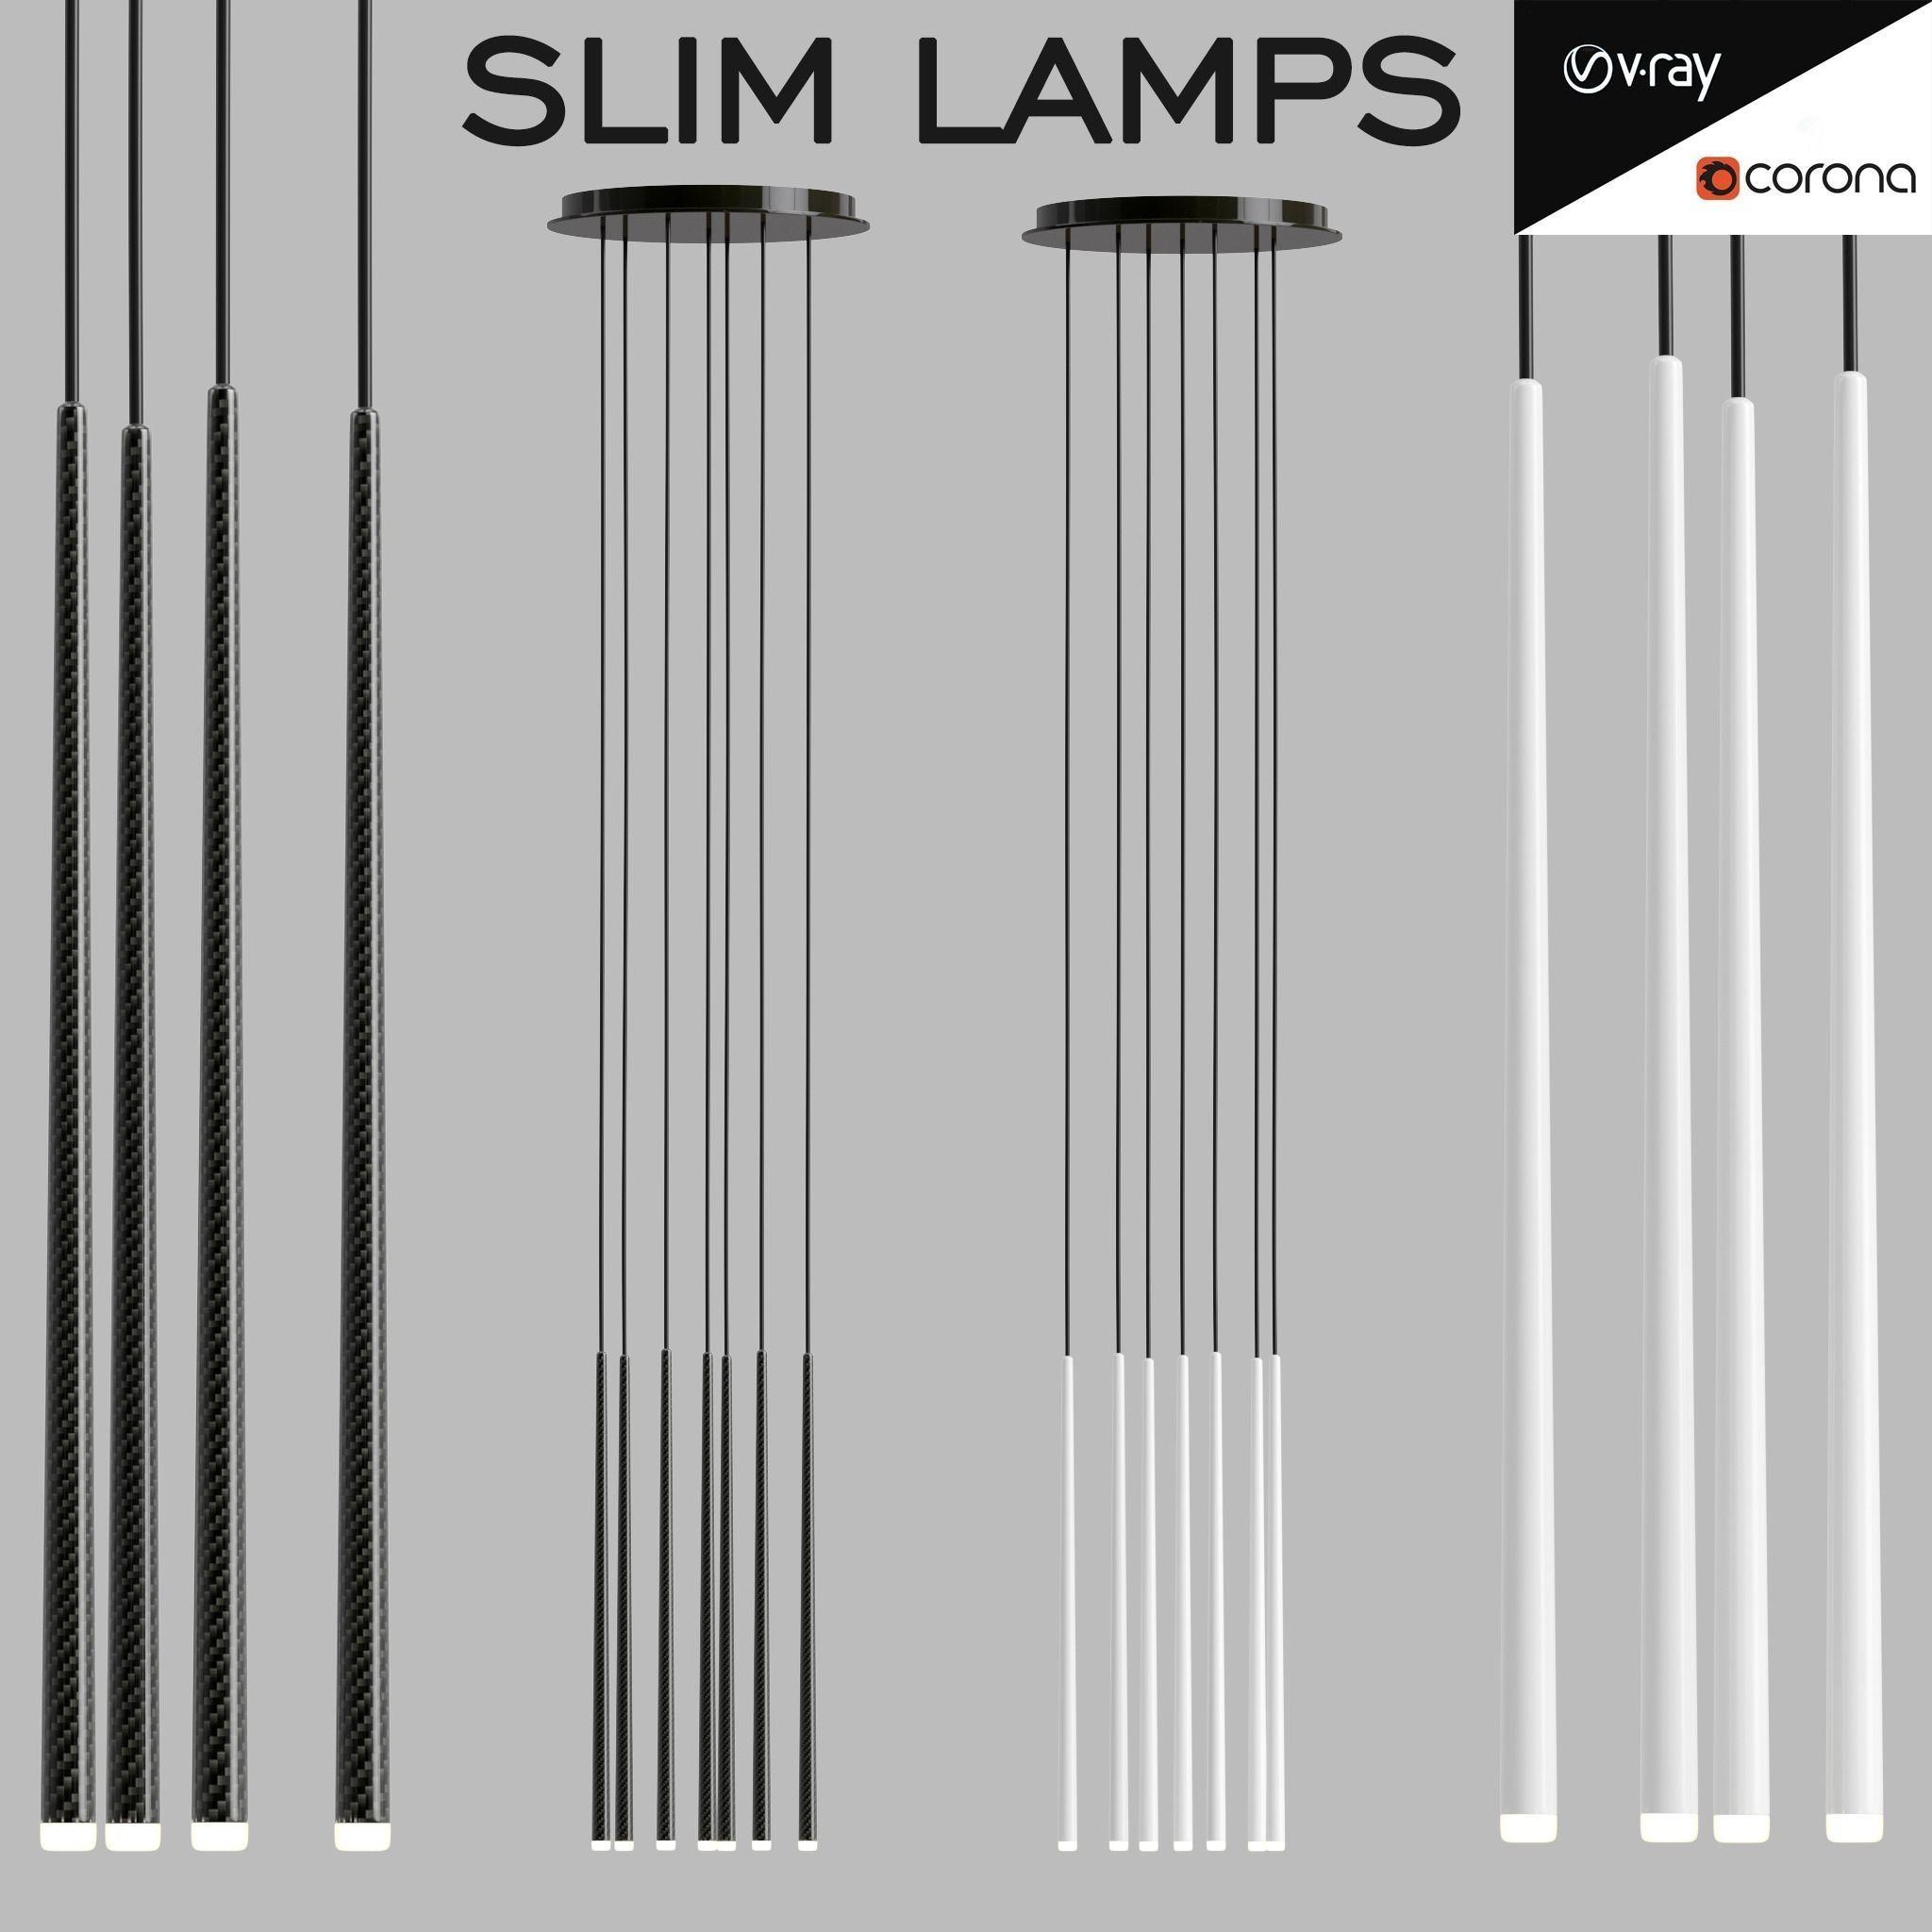 Slim lamps